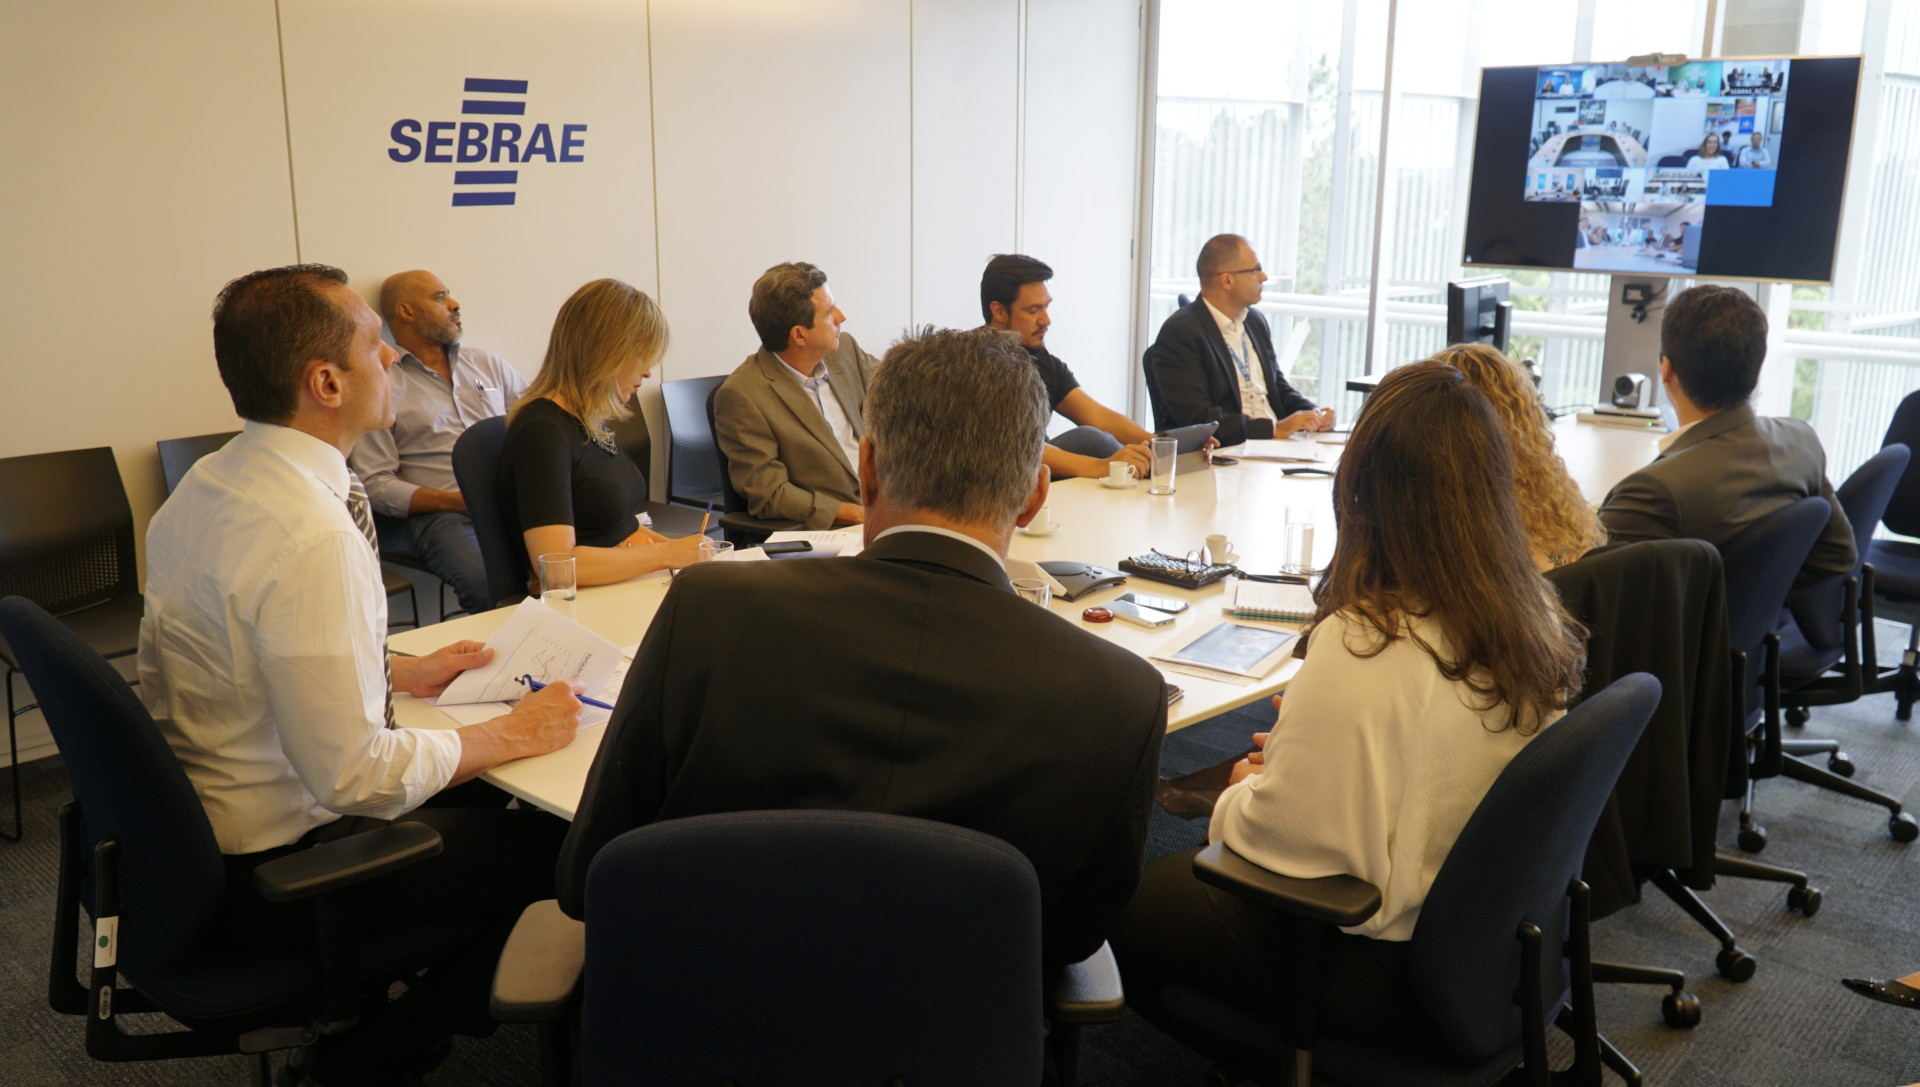 Reunião do comitê que trata da saúde do Sistema Sebrae